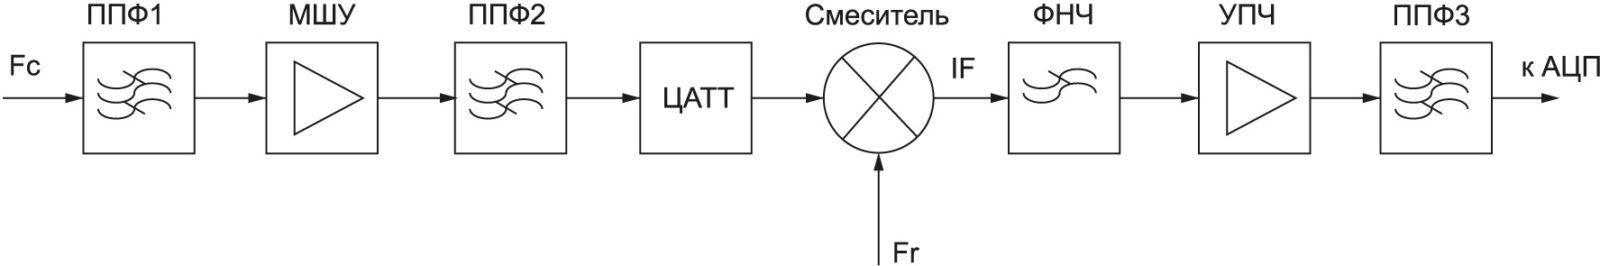 Структурная схема приемного устройства